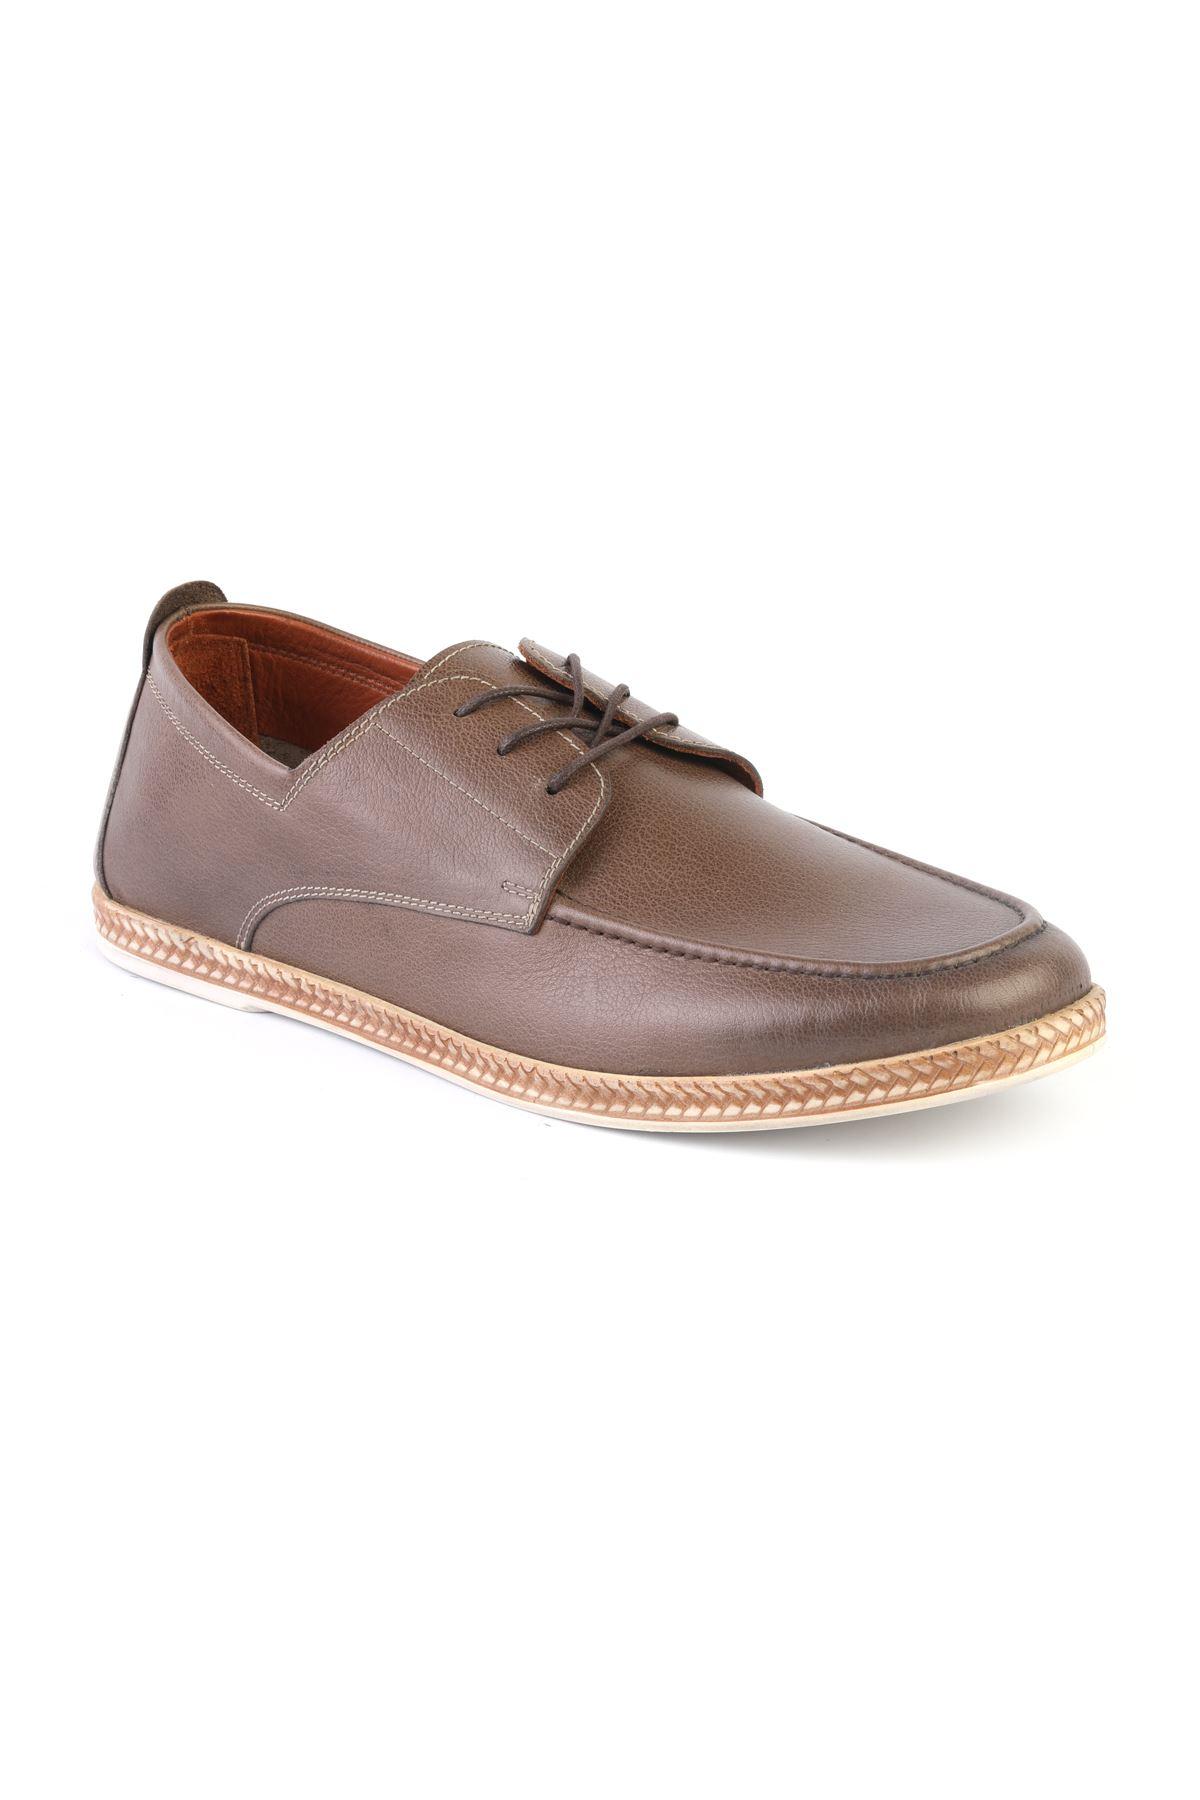 Libero T1186 Mink Casual Shoes